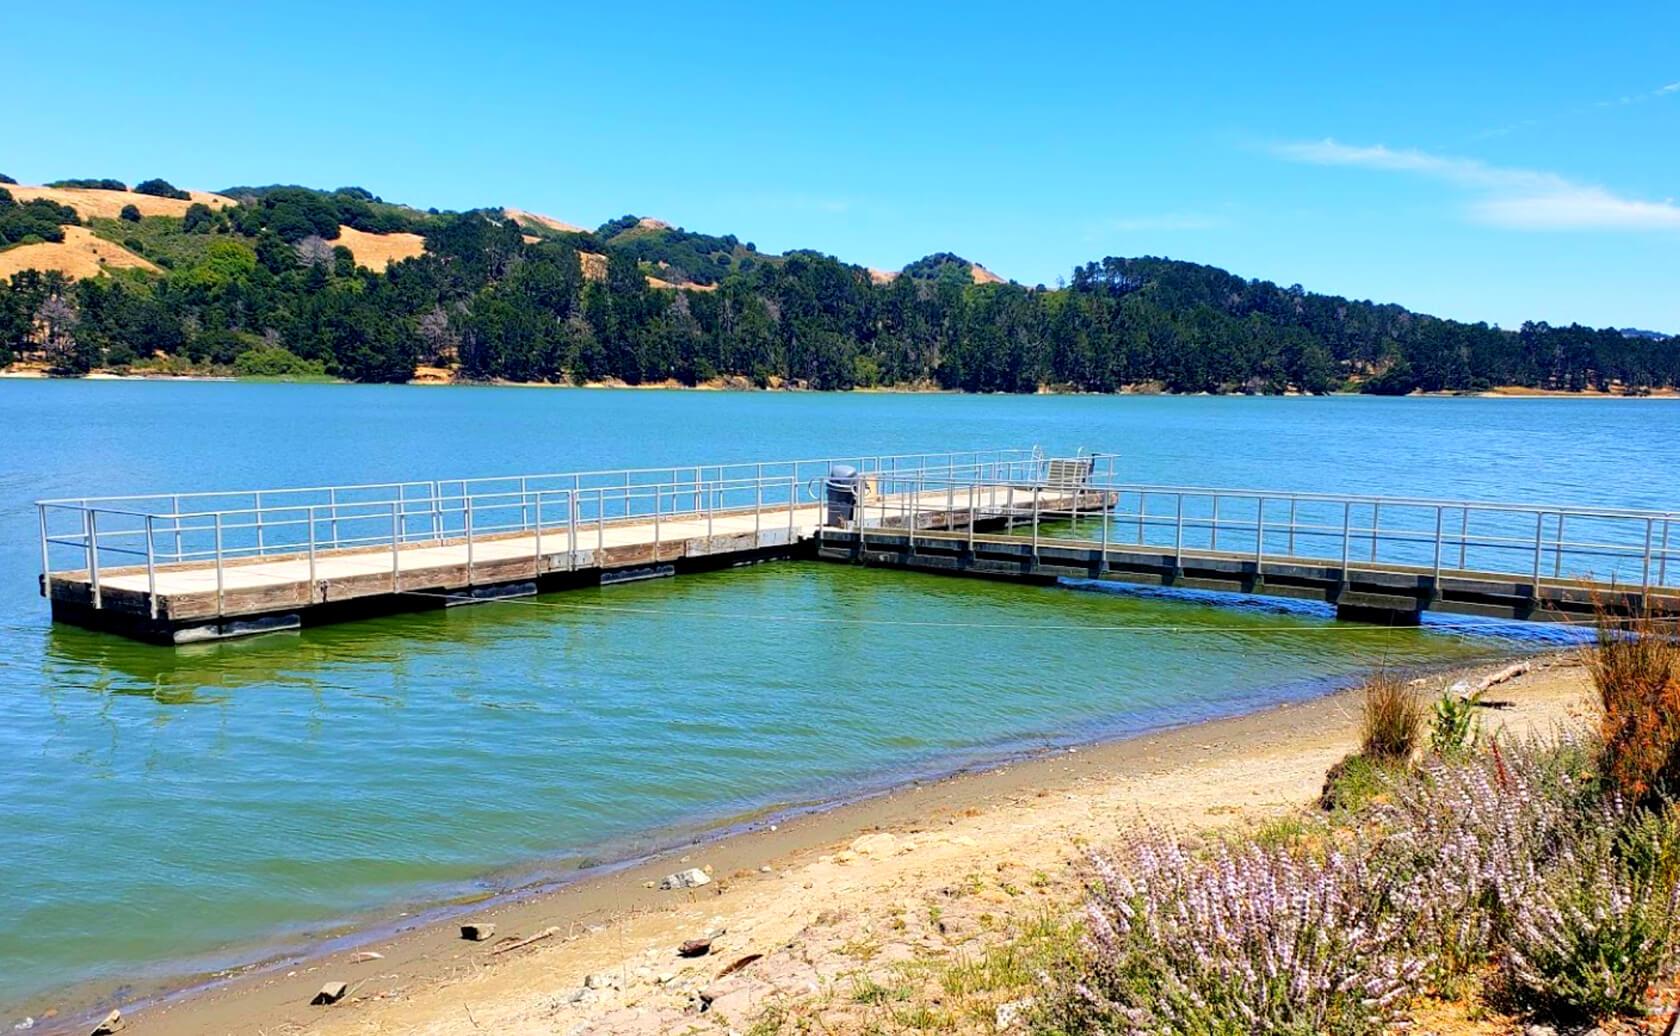 San-Pablo-Lake-Reservoir-Fishing-Guide-Report-California-01